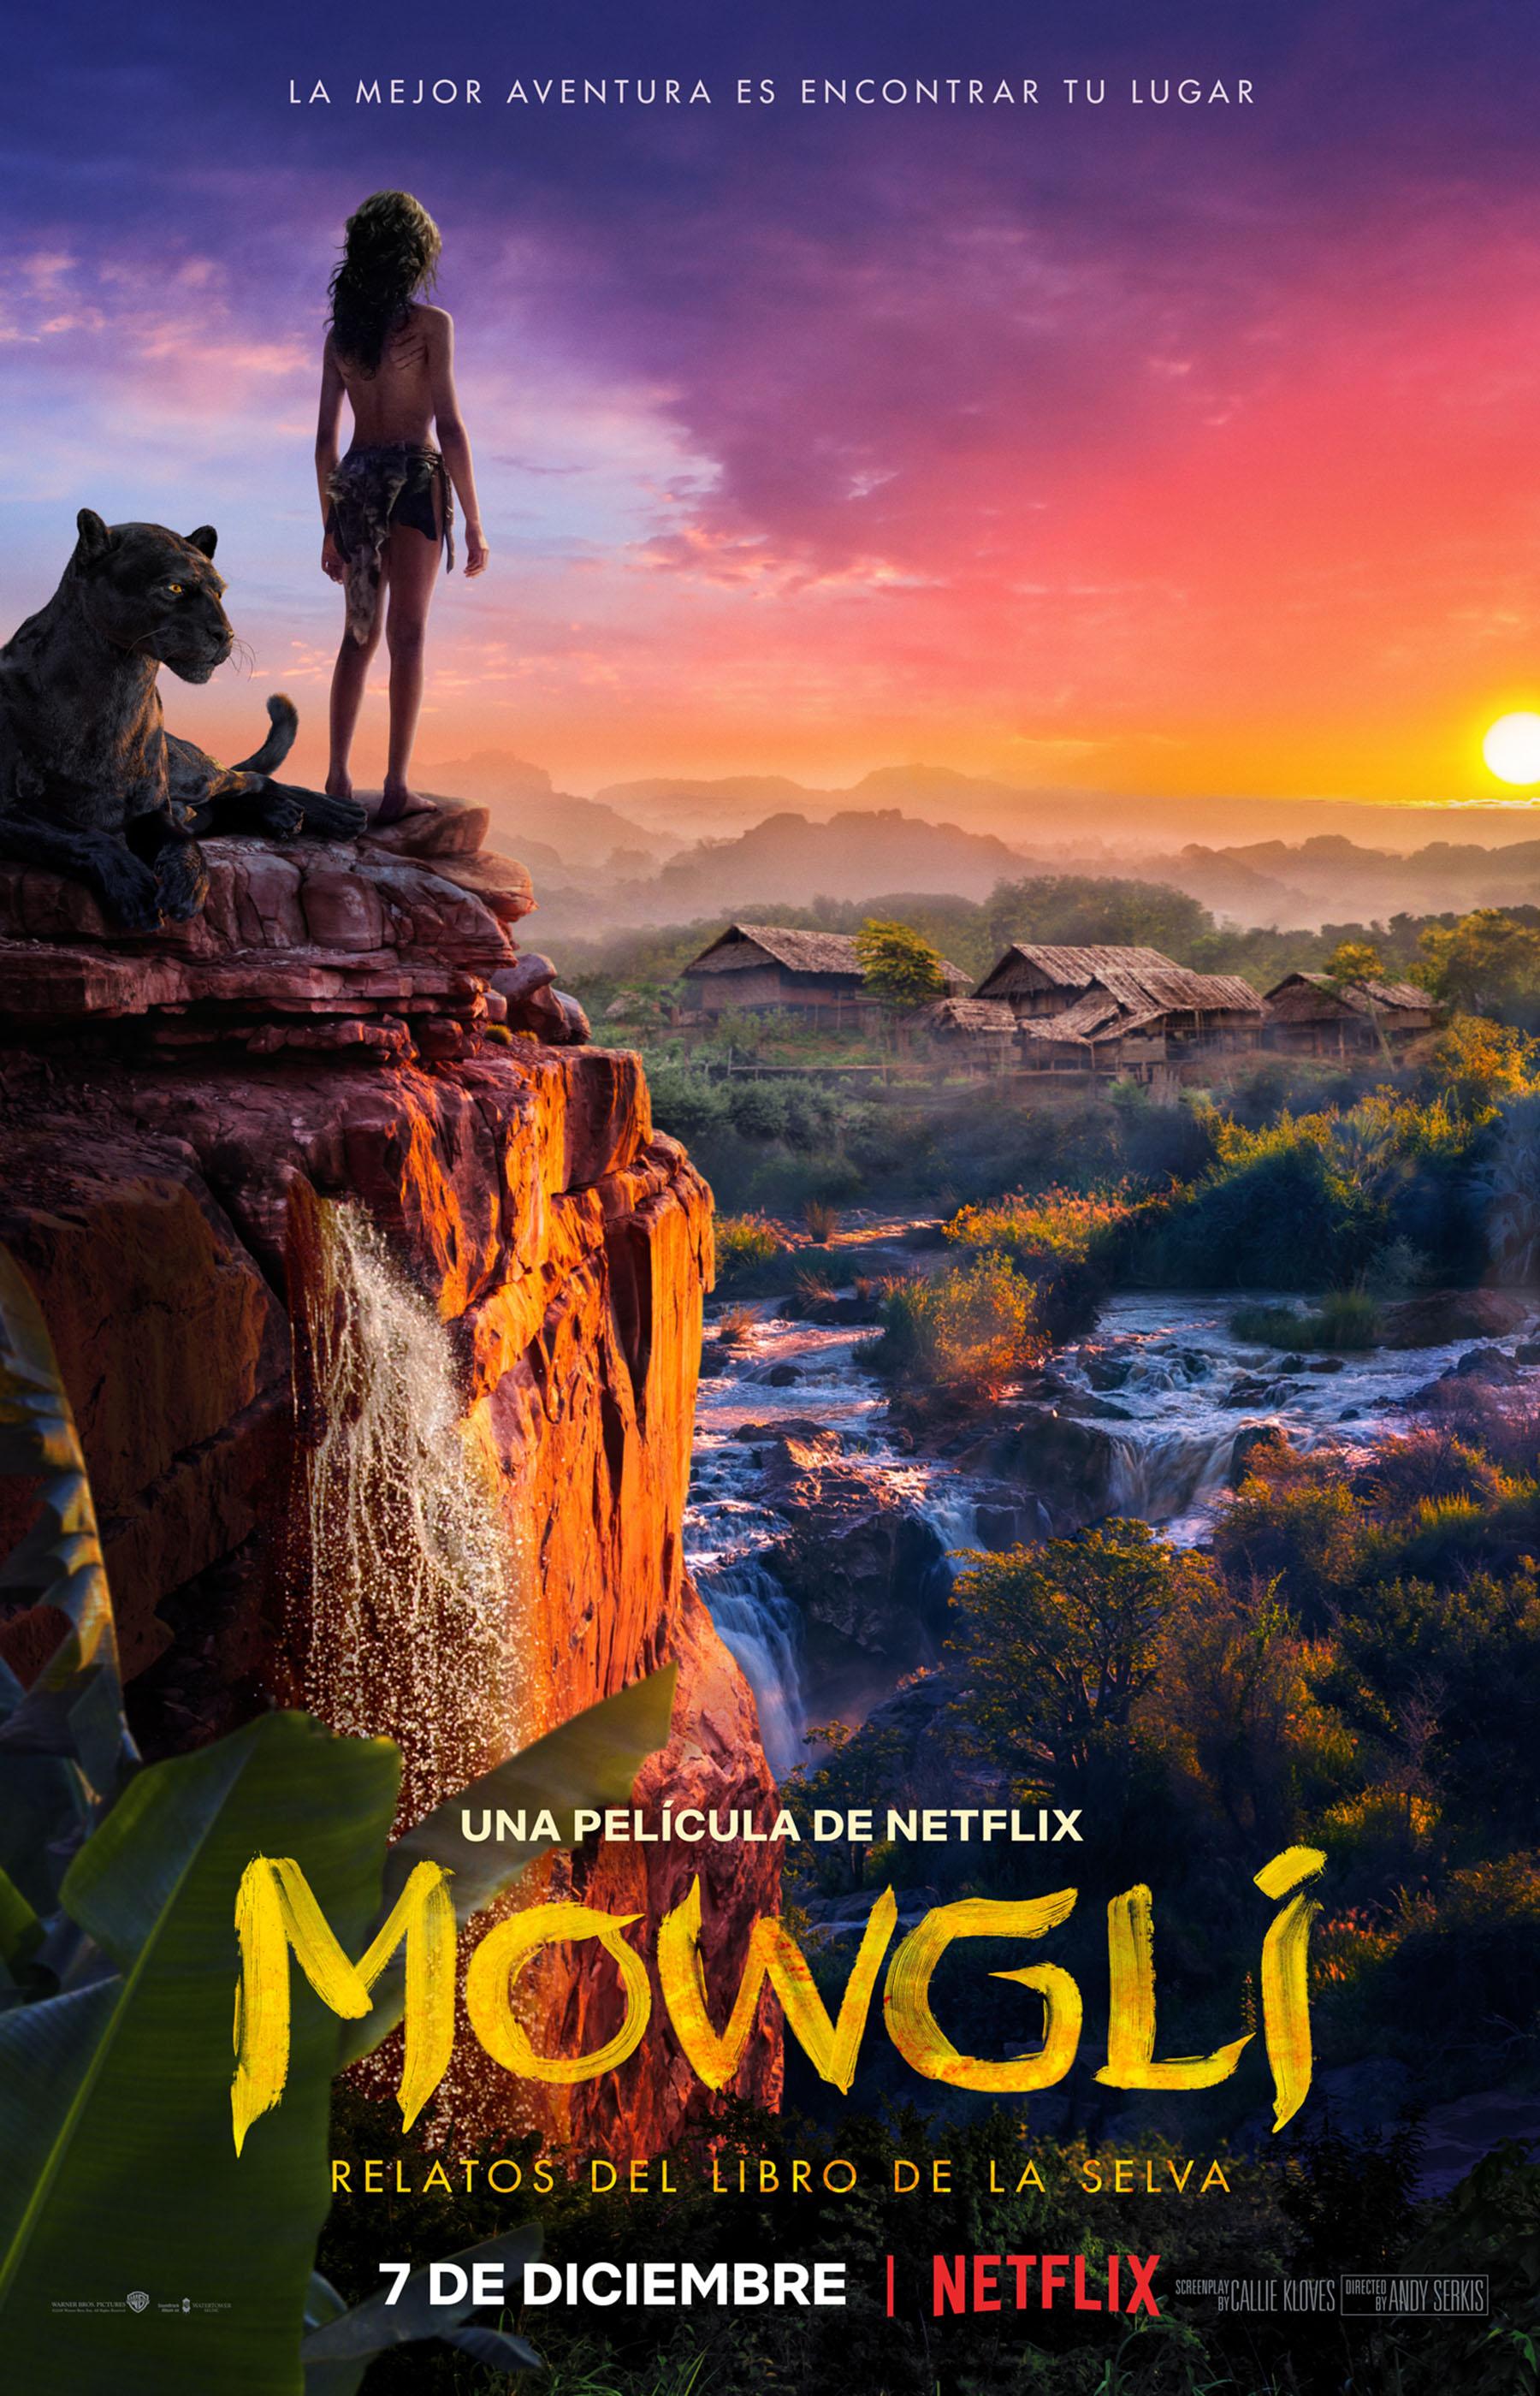 Ya hay nuevo tráiler y fecha de estreno del live action 'Mowgli' para Netflix